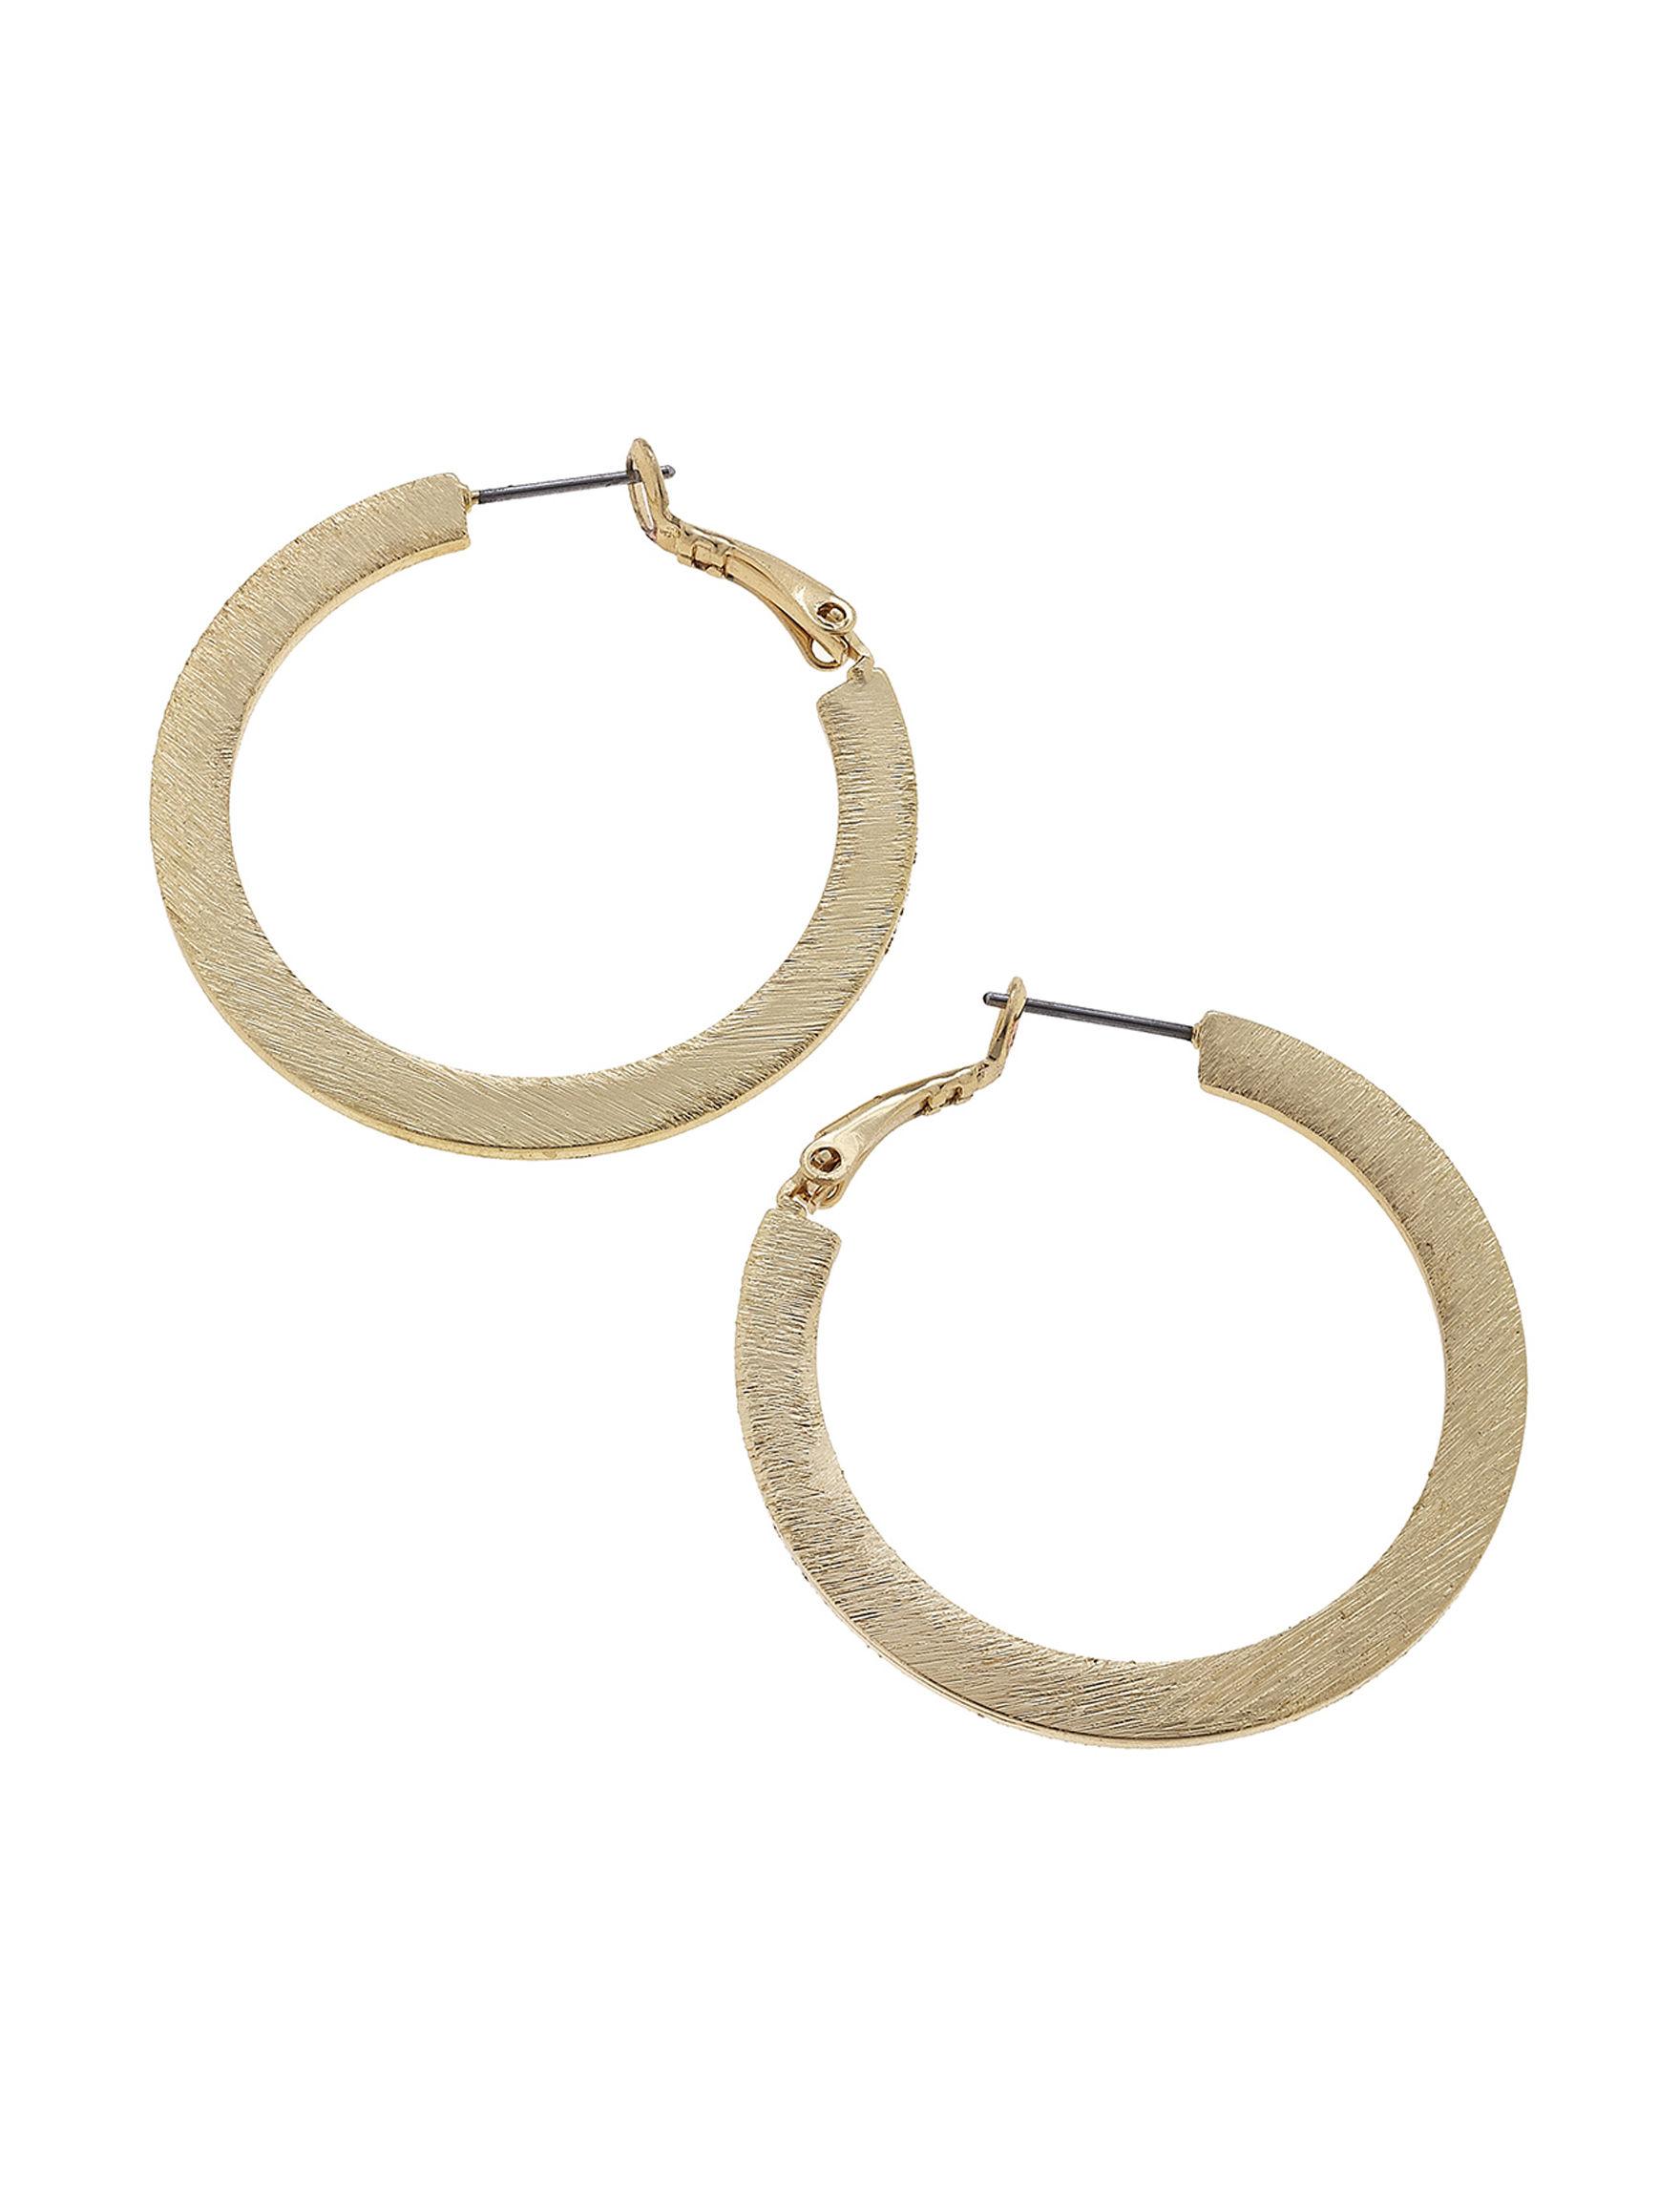 Blank Canvas Gold Hoops Earrings Fashion Jewelry